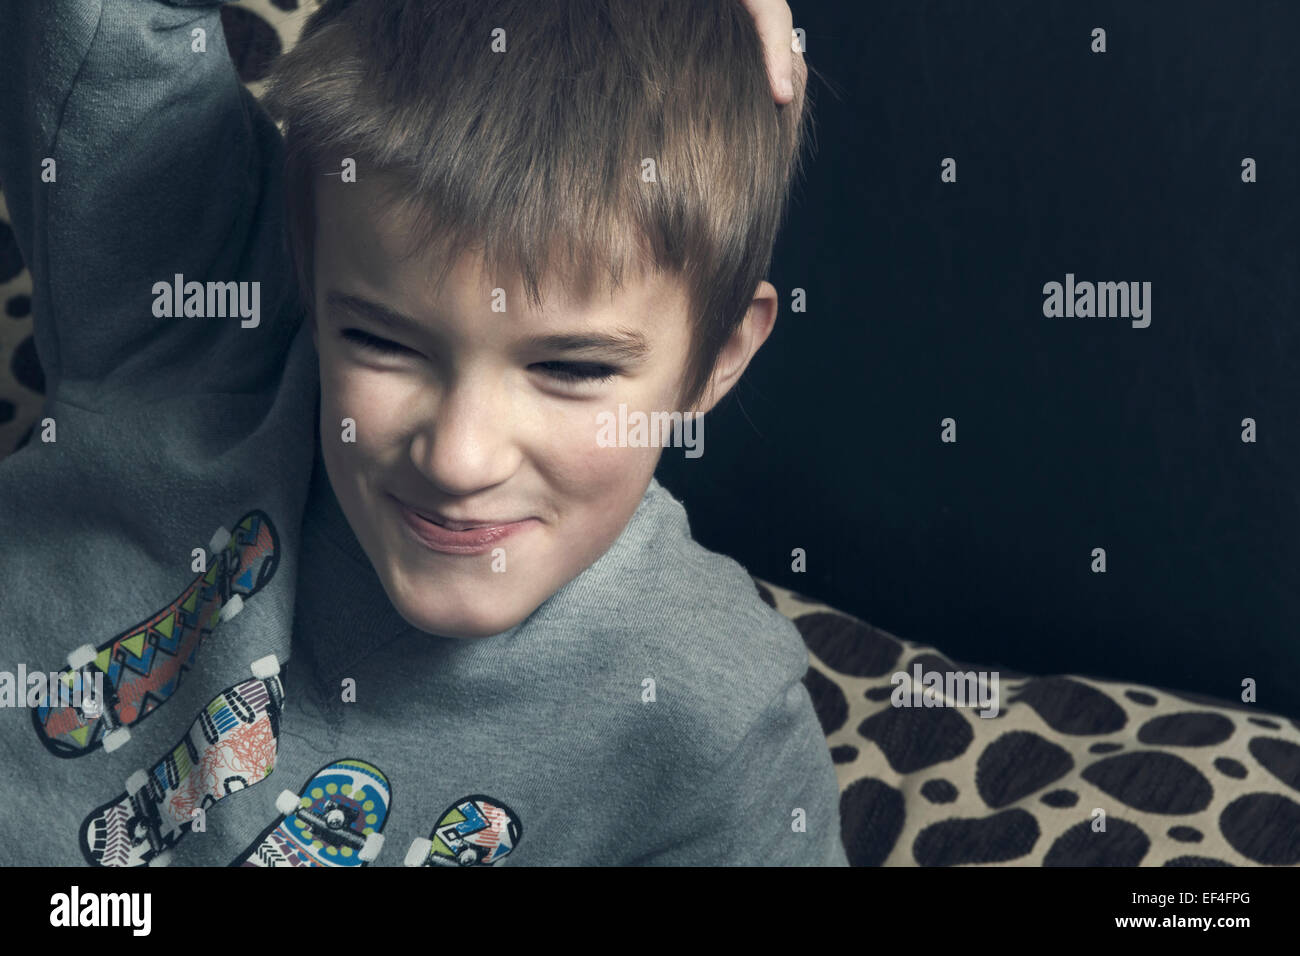 Jeune garçon dans le salon en riant. Photo Stock